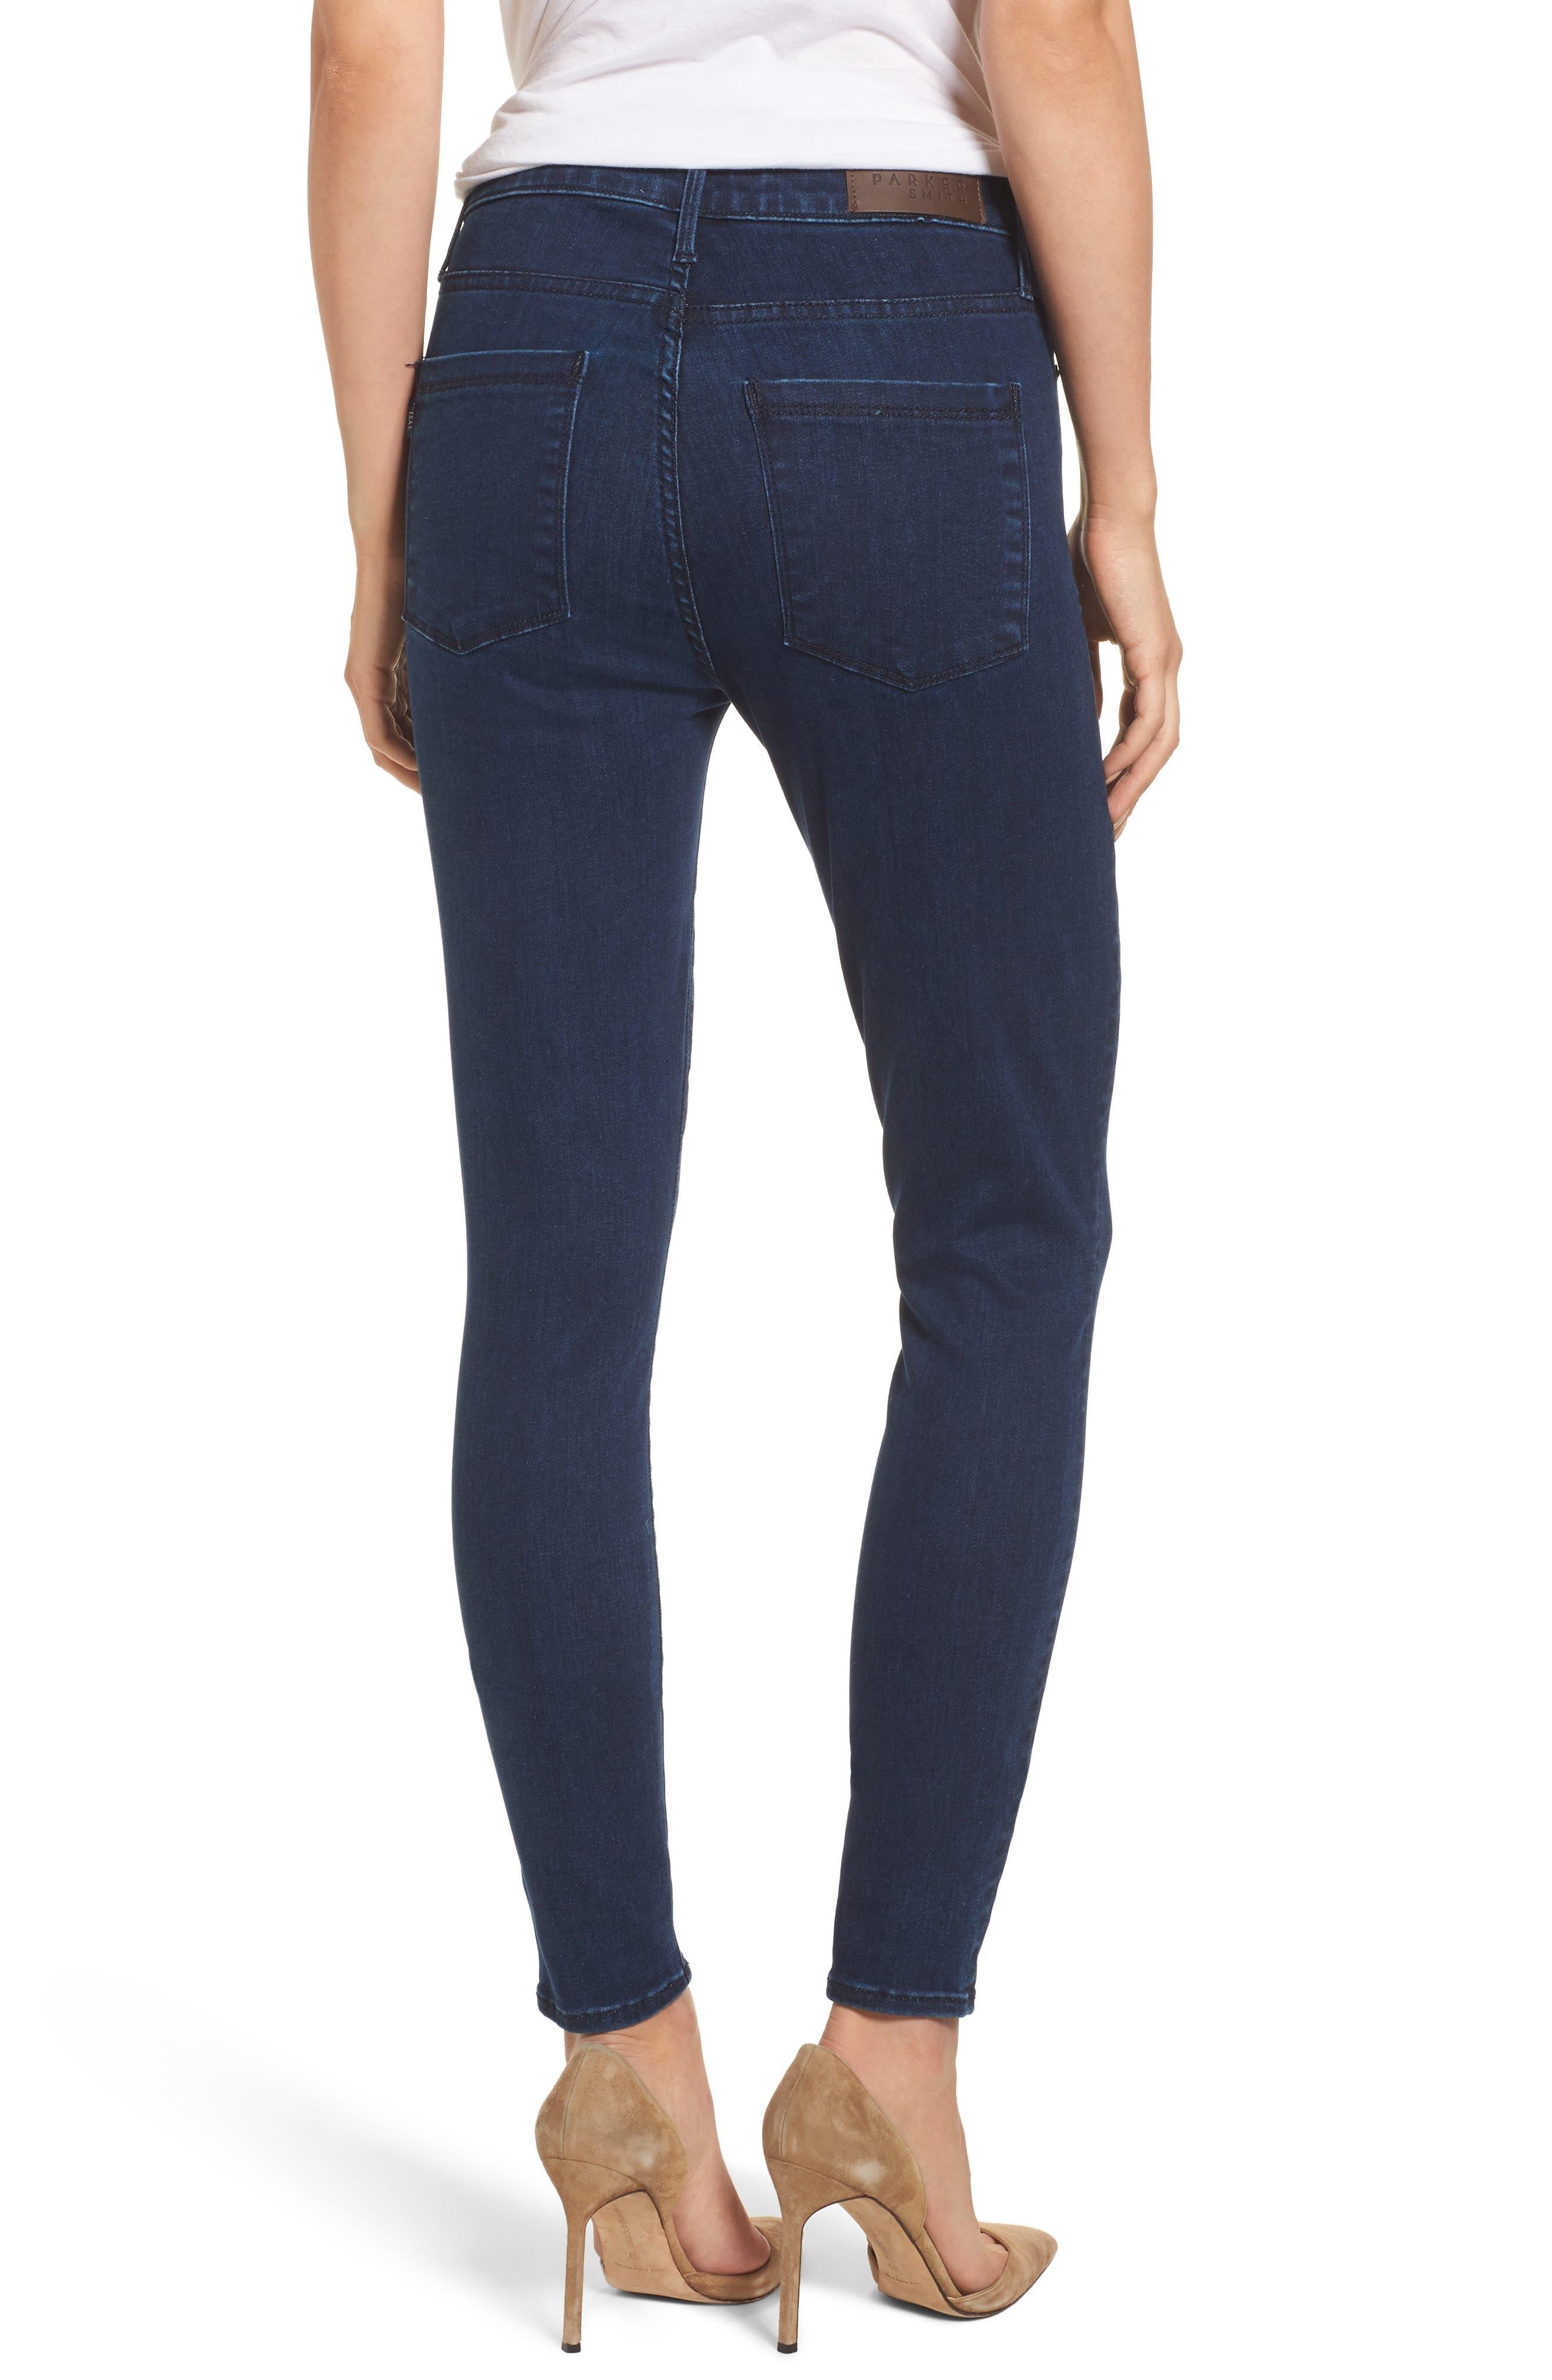 Bombshell High Waist Skinny Jeans,                             Alternate thumbnail 2, color,                             401